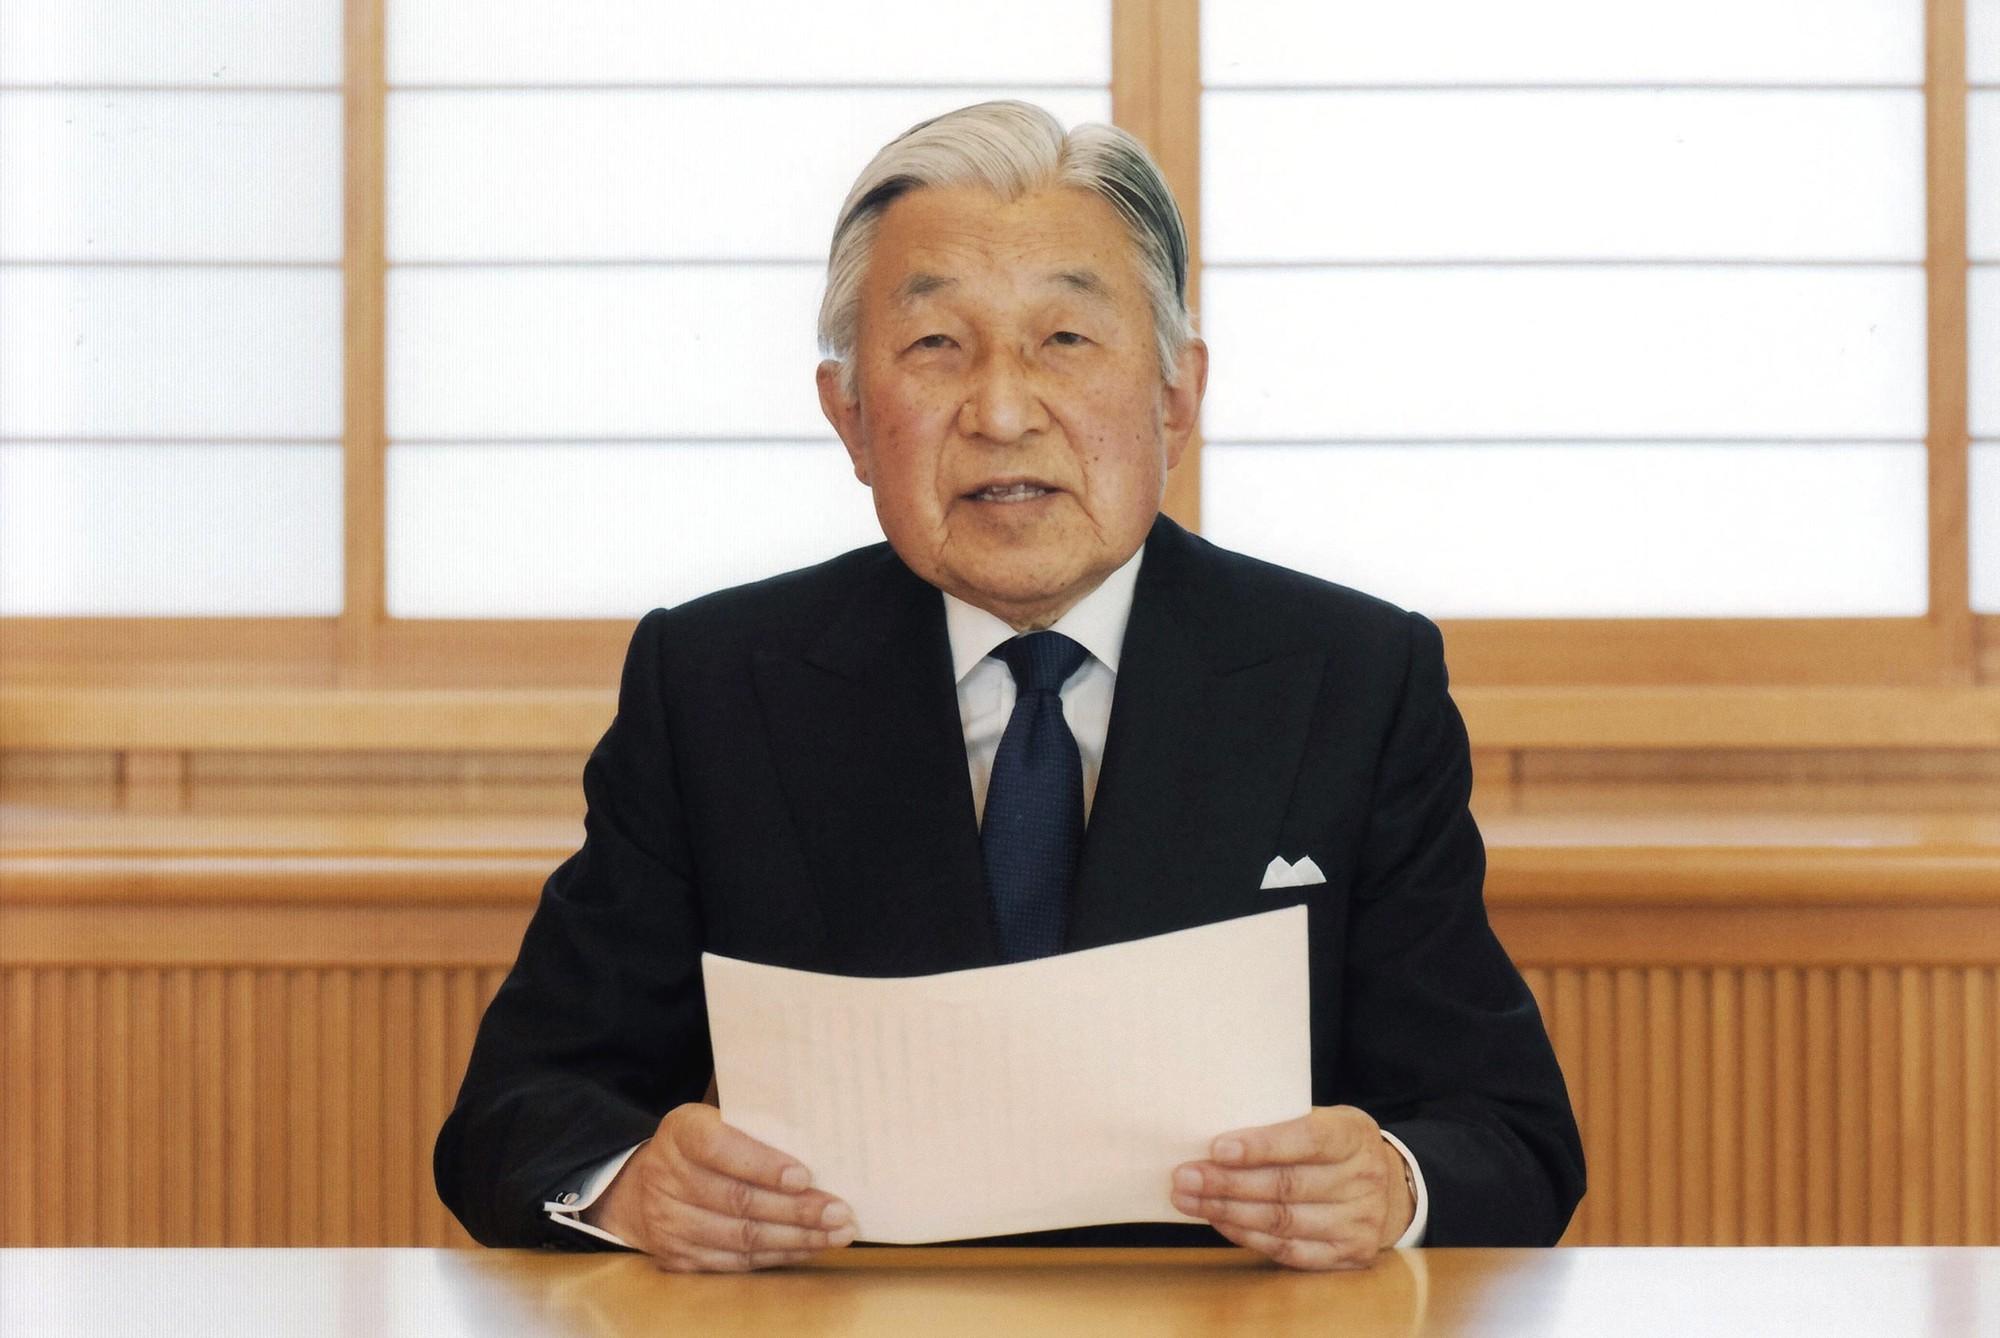 Akihito: Vị Thiên hoàng quỳ gối trước dân và bài phát biểu nhạy cảm bị nhà đài ngang nhiên cắt gọt - Ảnh 13.